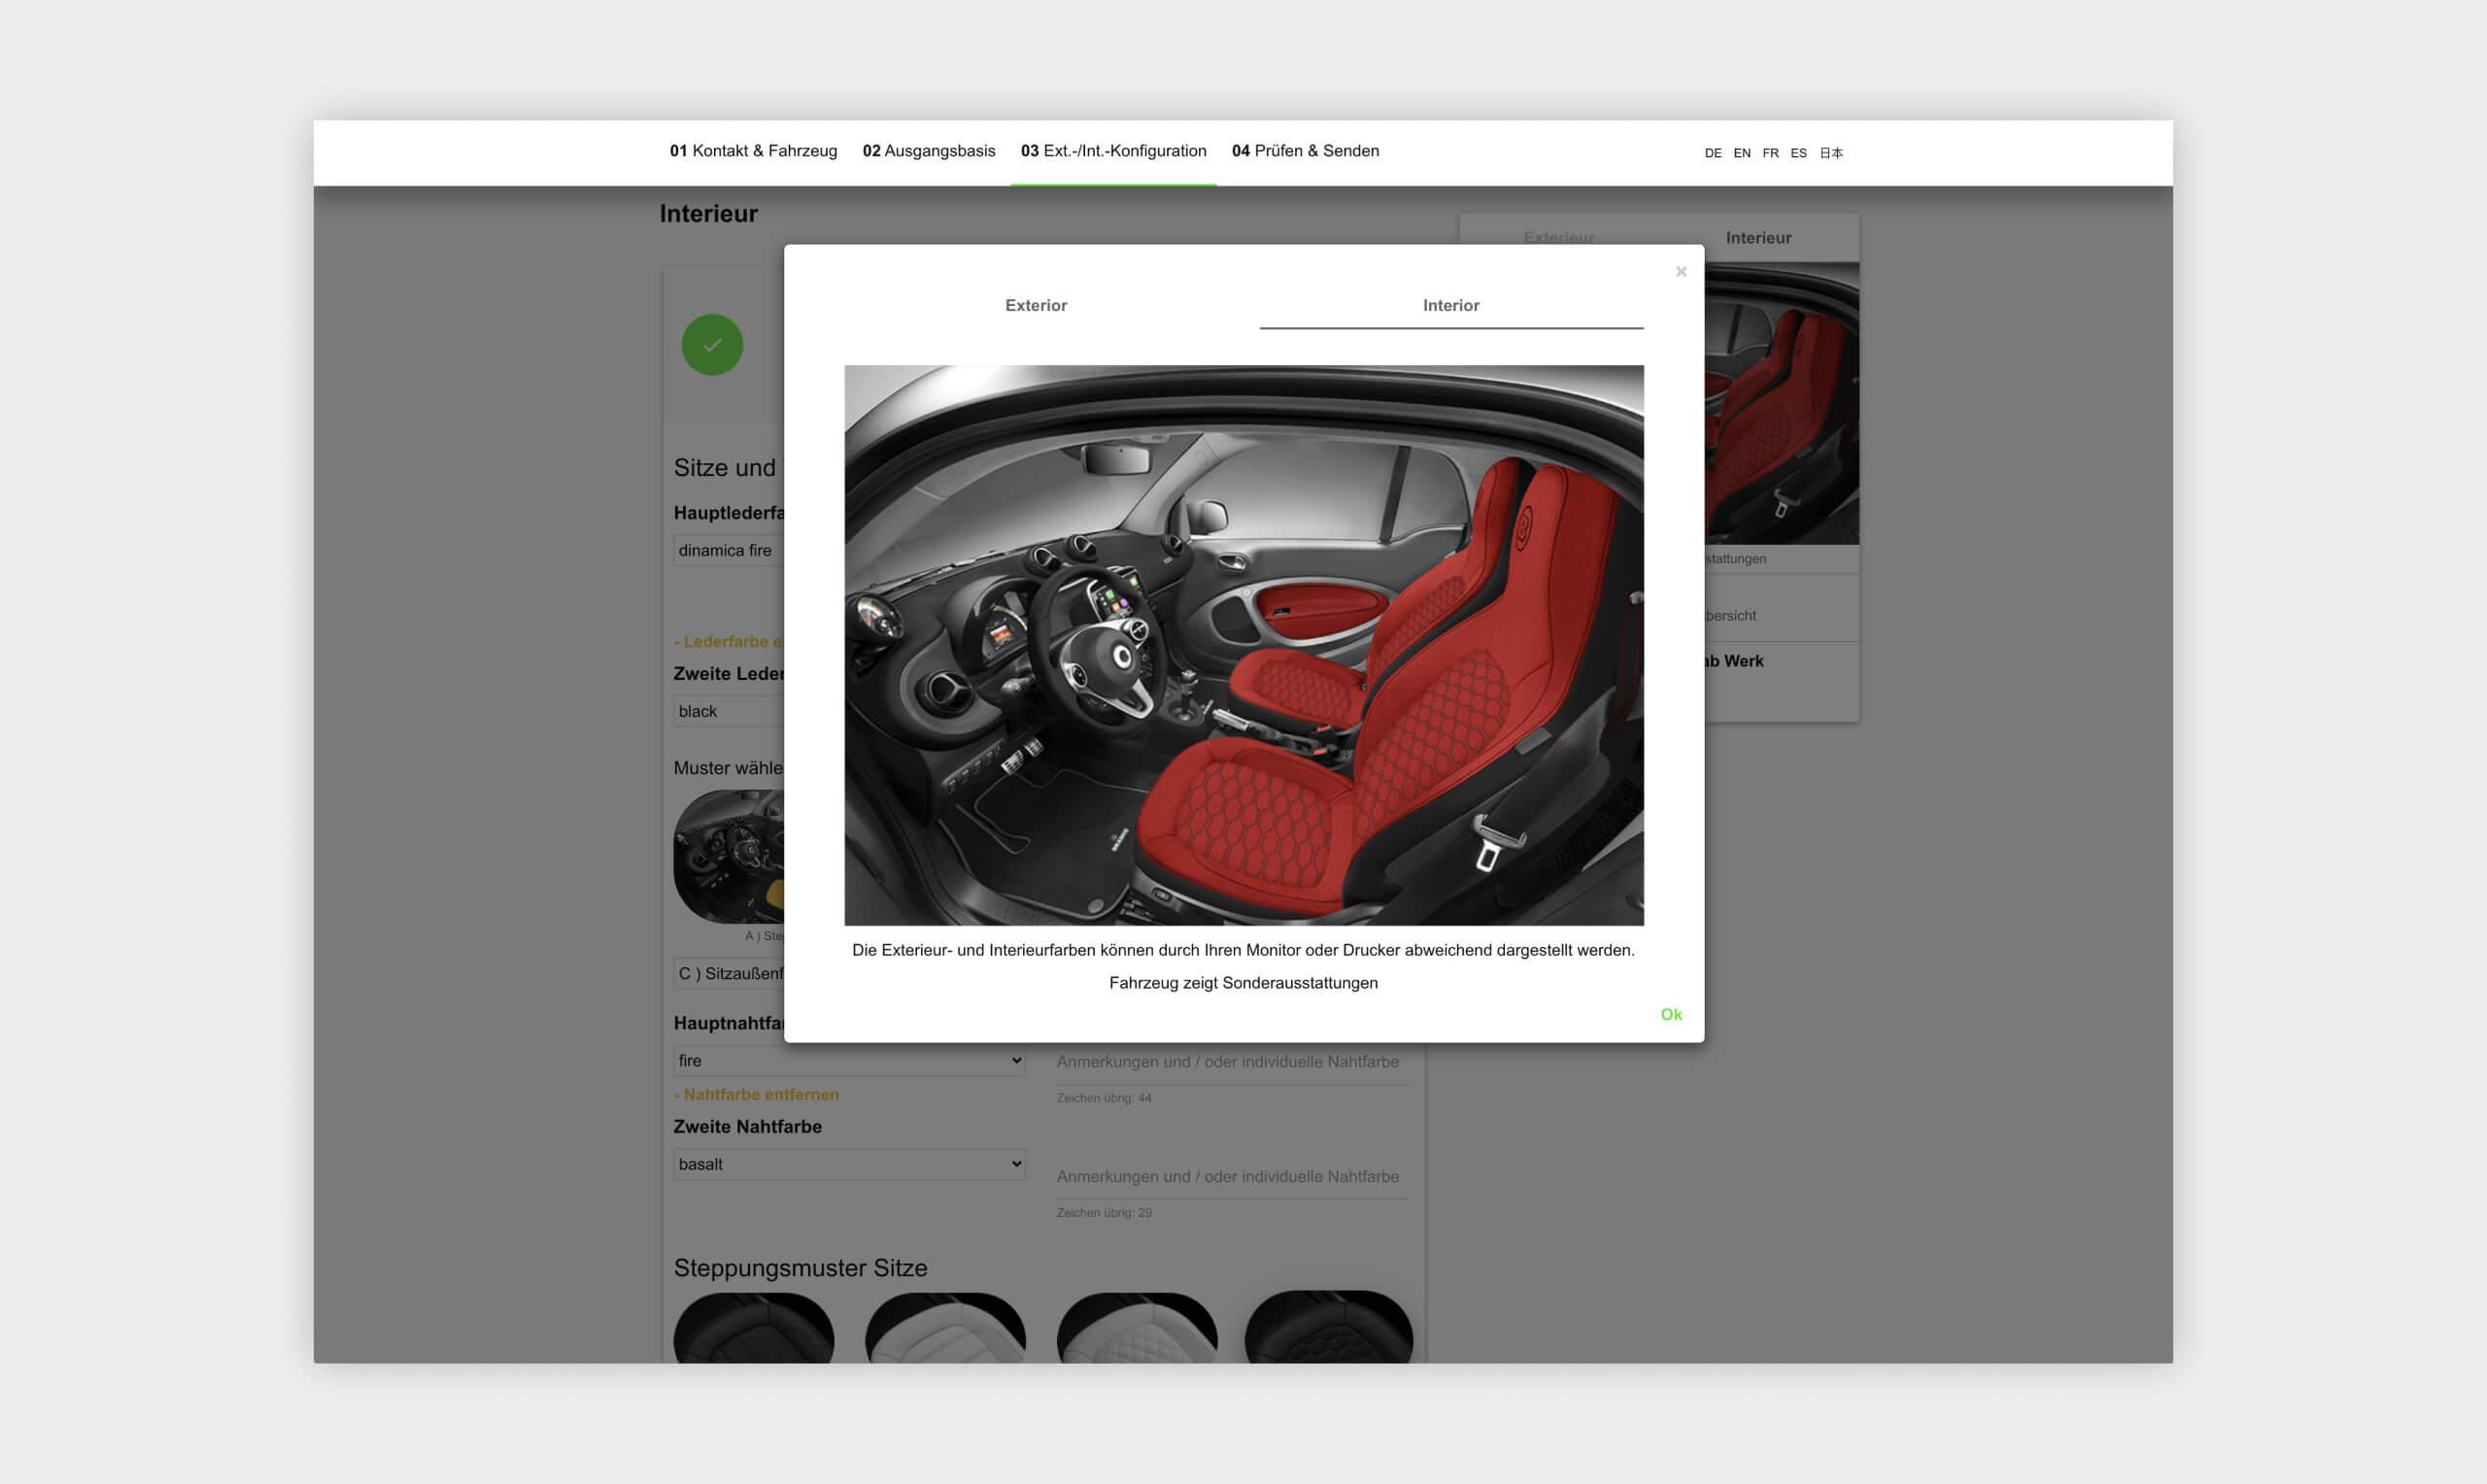 Auszug als Screenshot der Interieuransicht des smart Brabus Konfigurators .